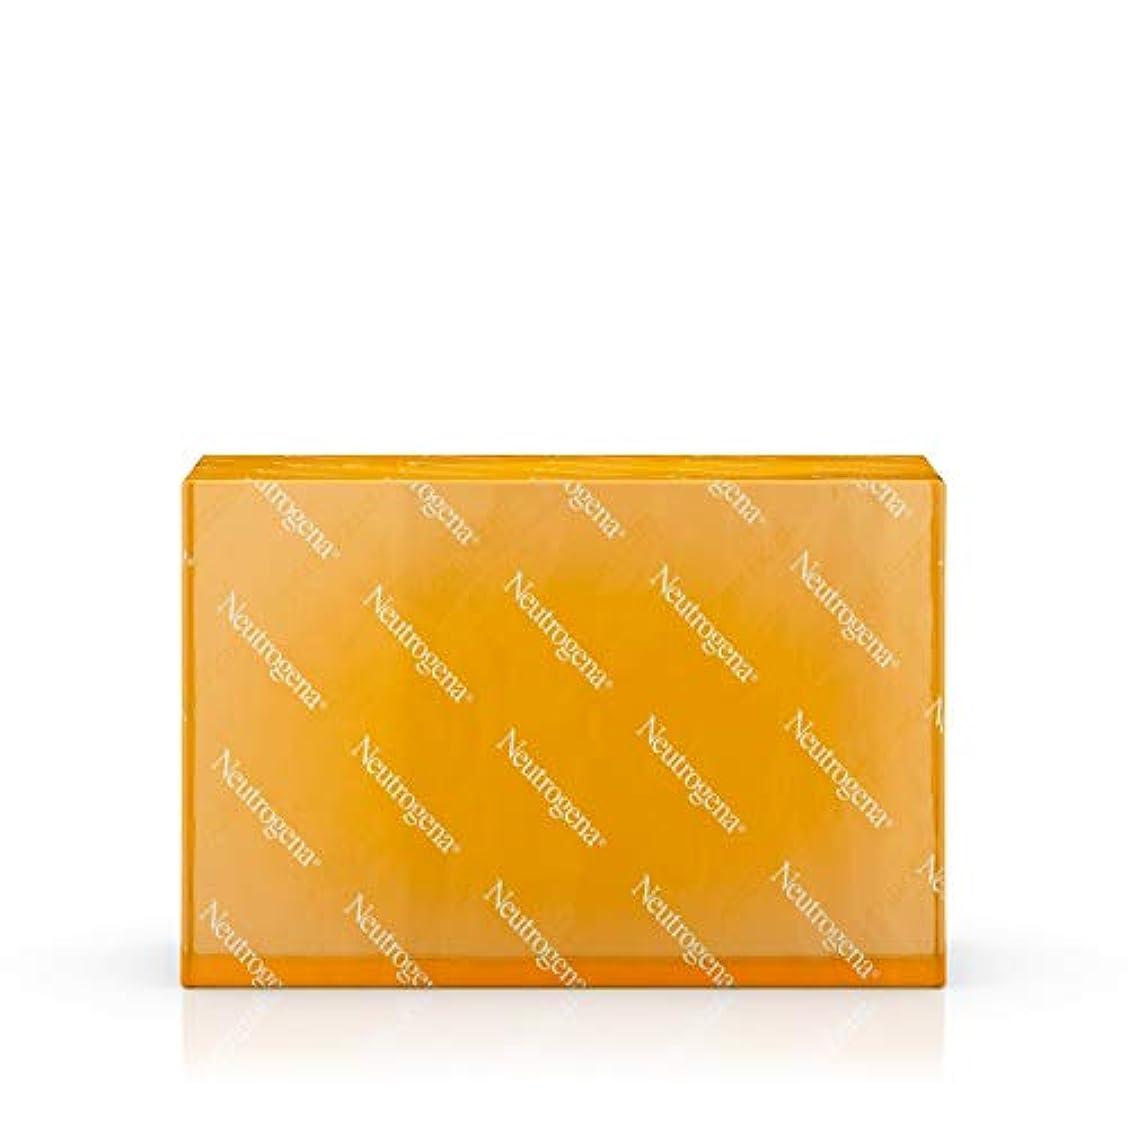 花弁独立して予備海外直送品 Neutrogena Neutrogena Transparent Facial Bar Soap Fragrance Free, Fragrance Free 3.5 oz